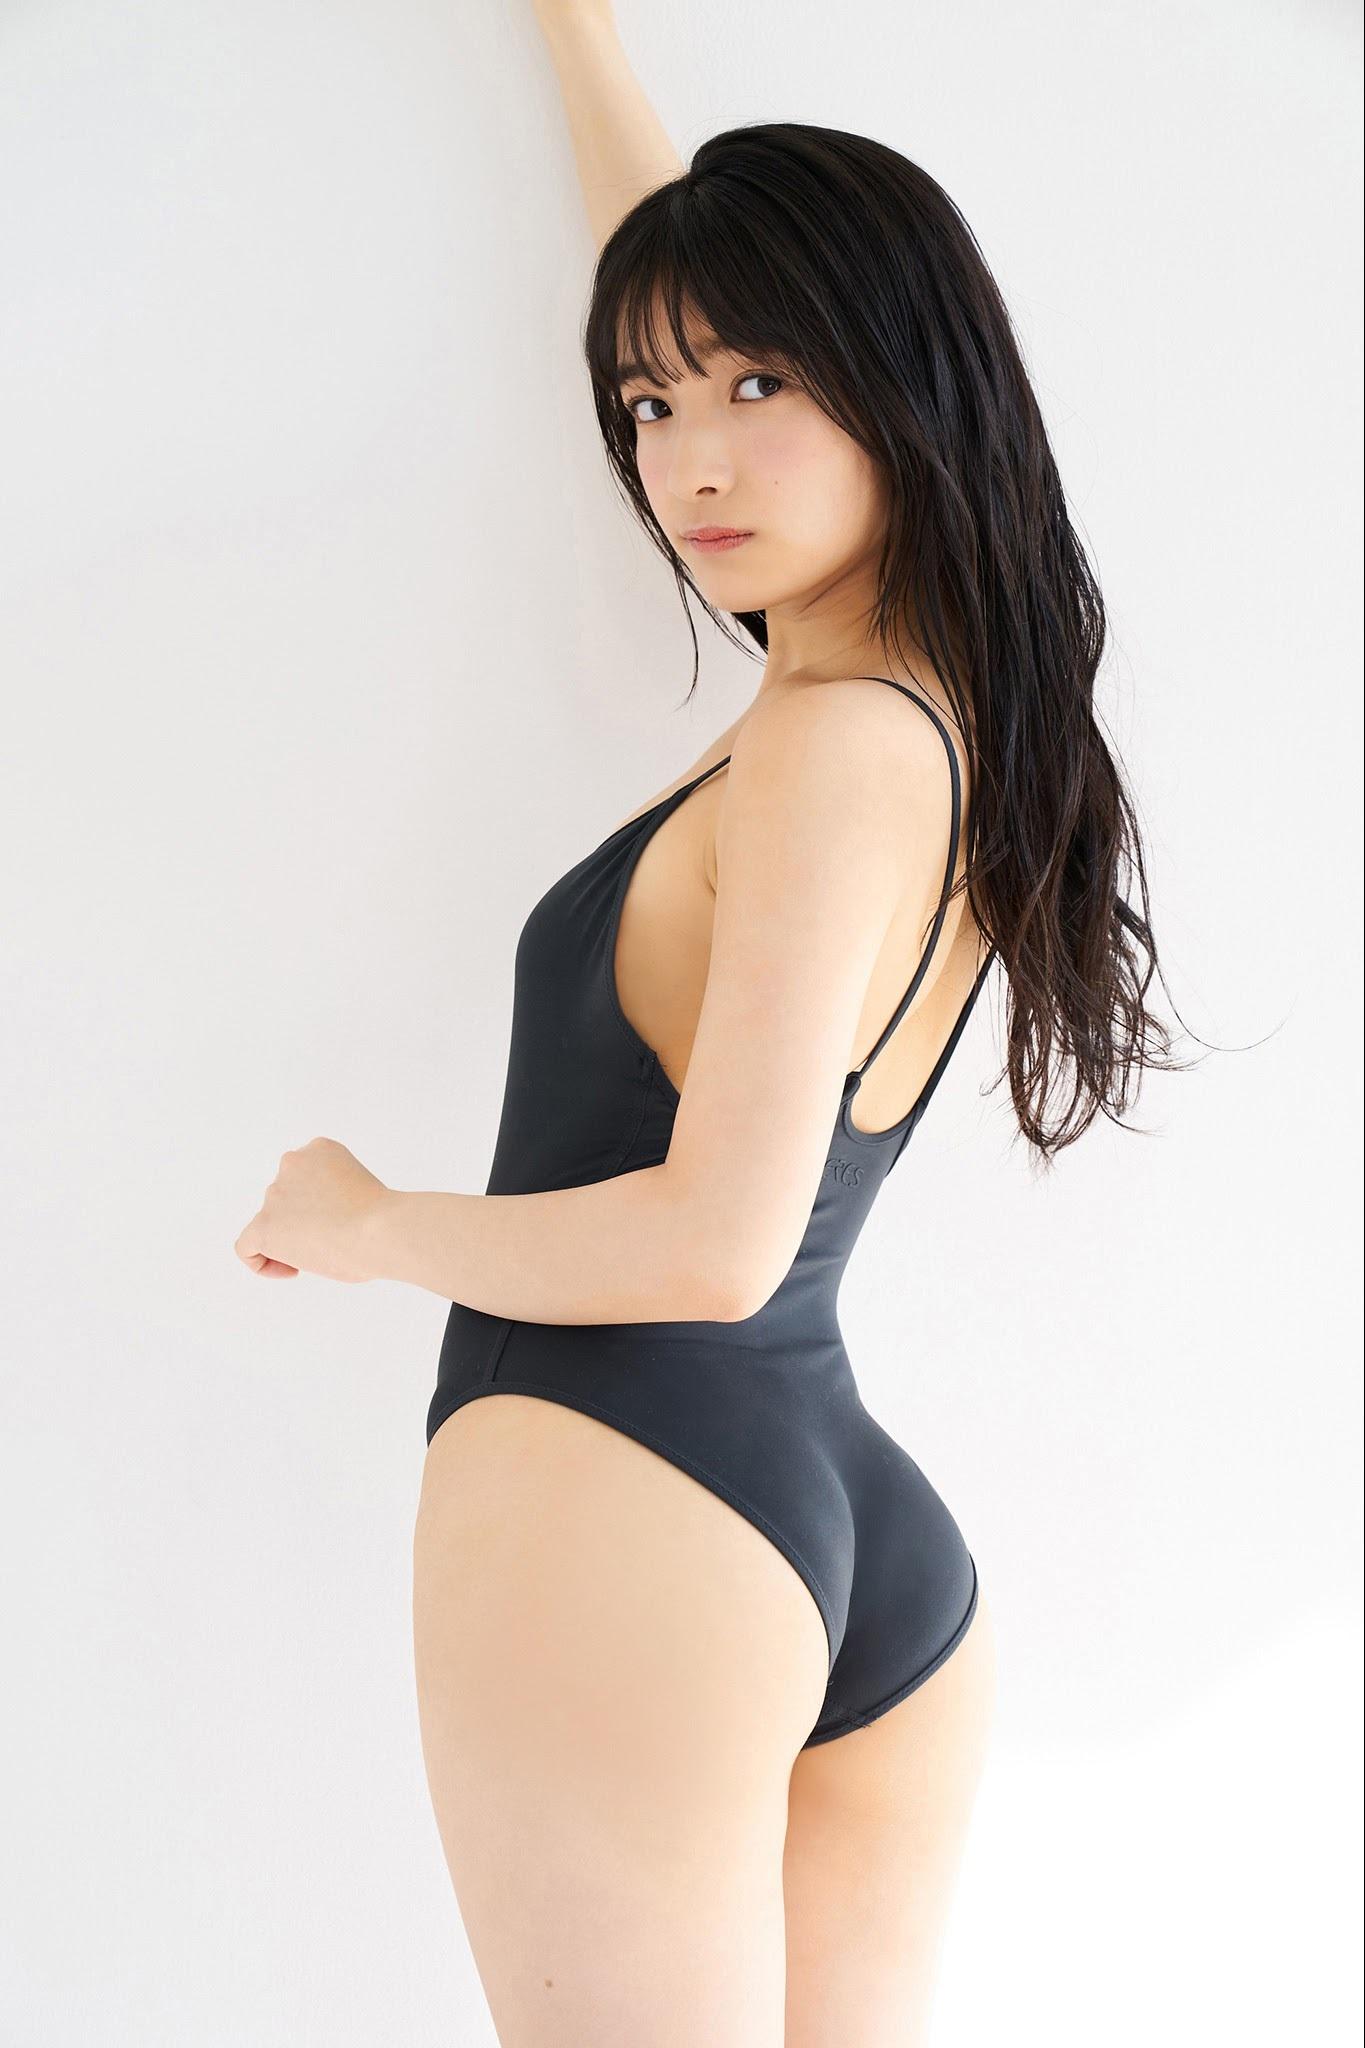 蛭田愛梨43